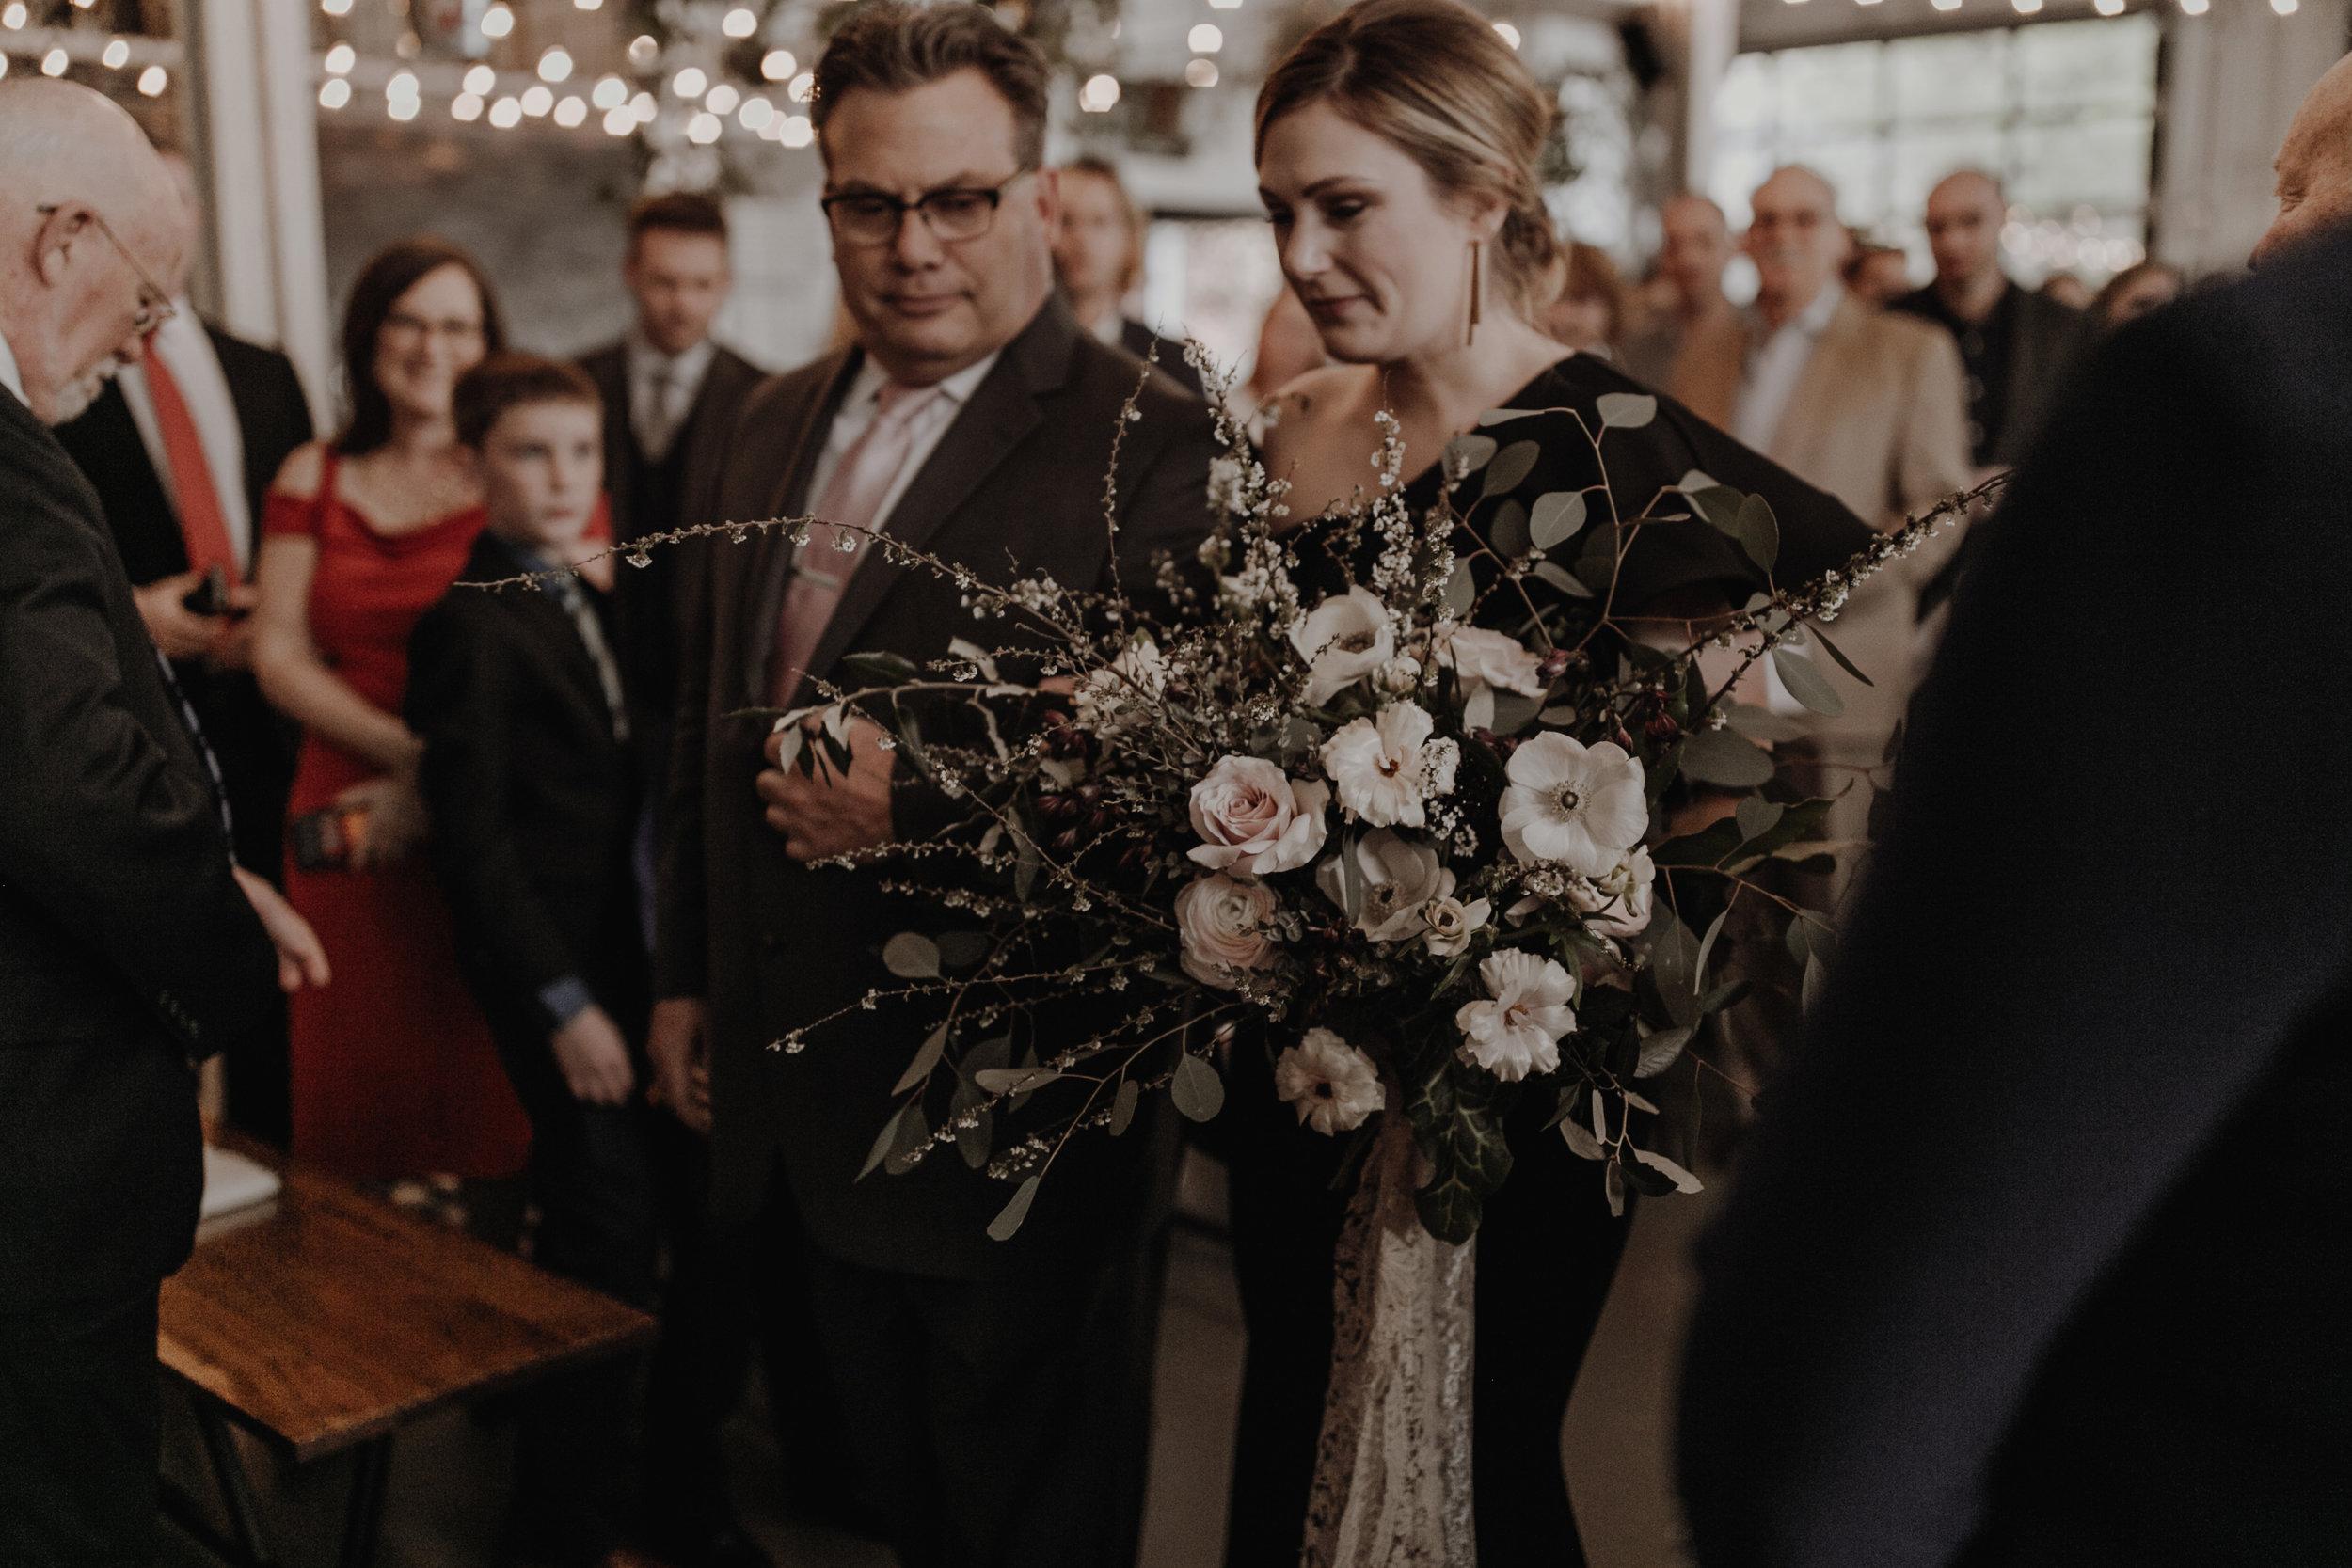 coopers_hall_wedding-51.jpg